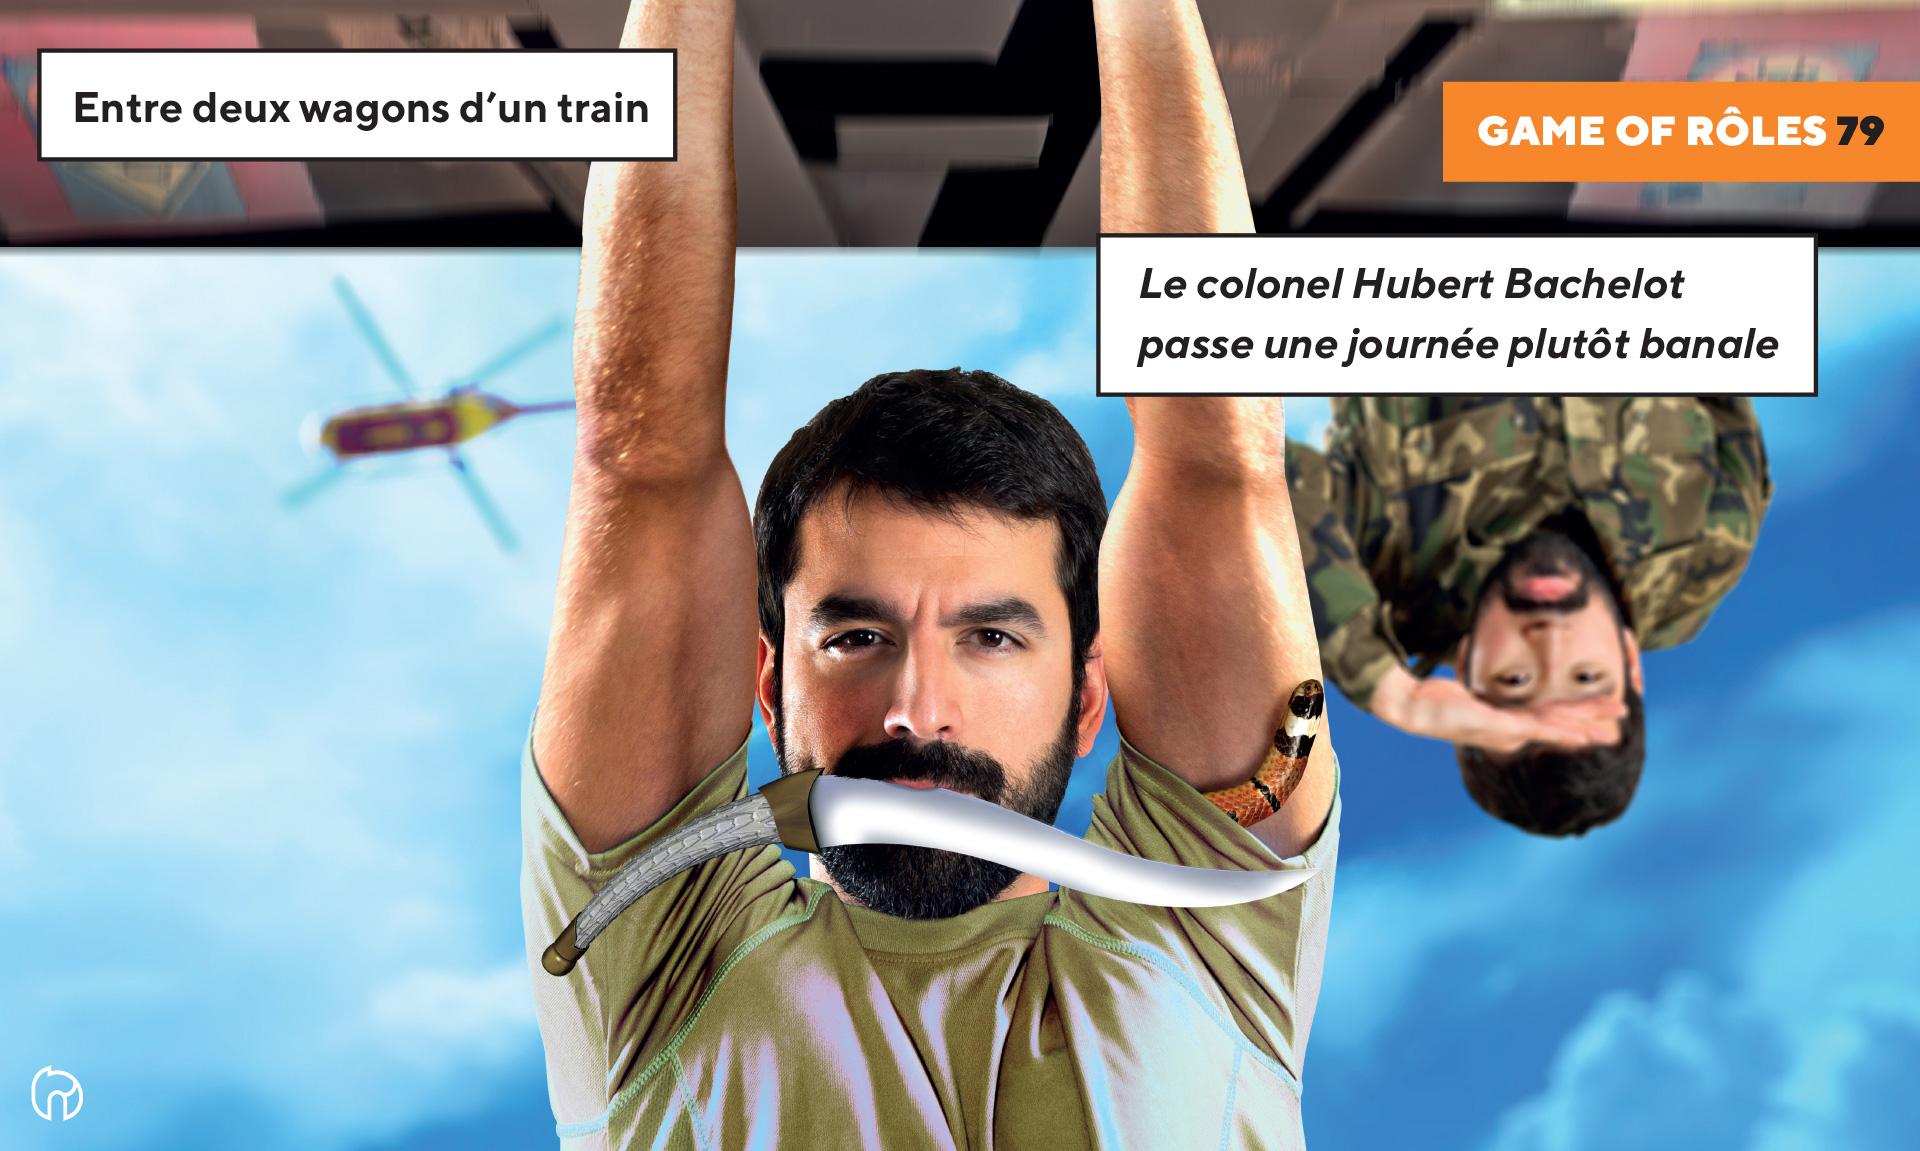 Visuel du colonel Hubert Bachelot dans le train pour game of roles 1979